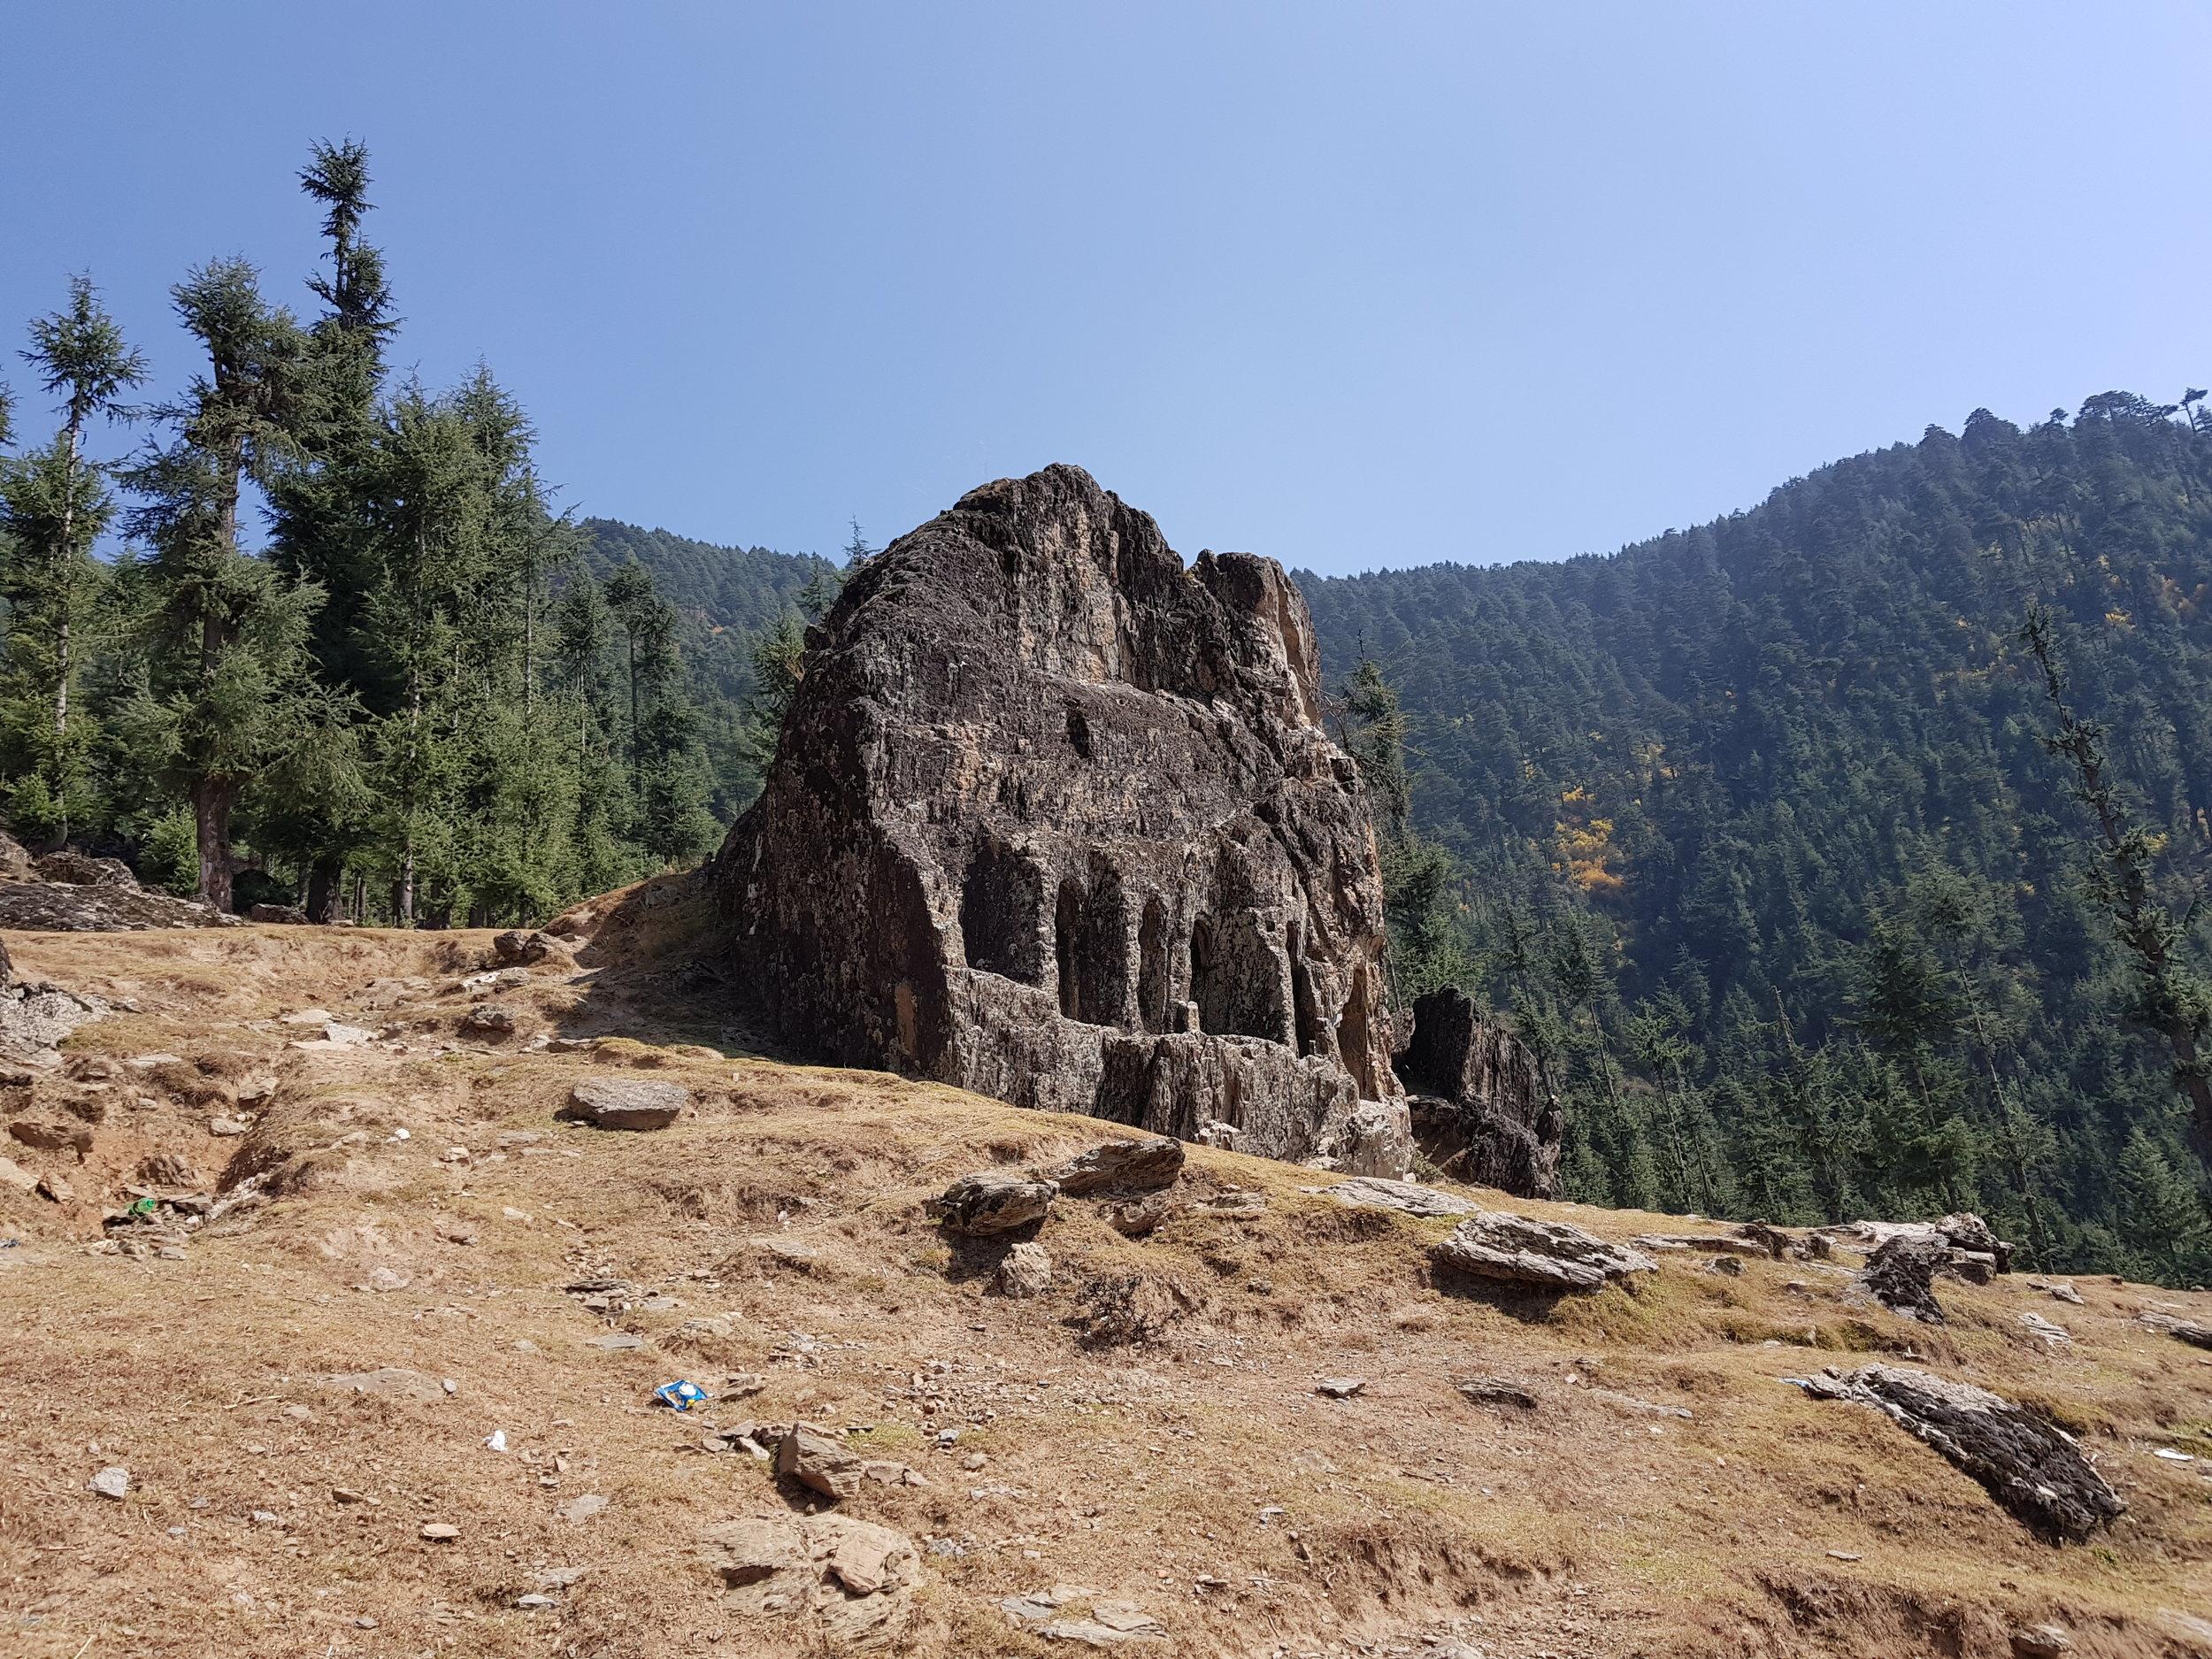 The Kalaroos Cave in Loalb Valley